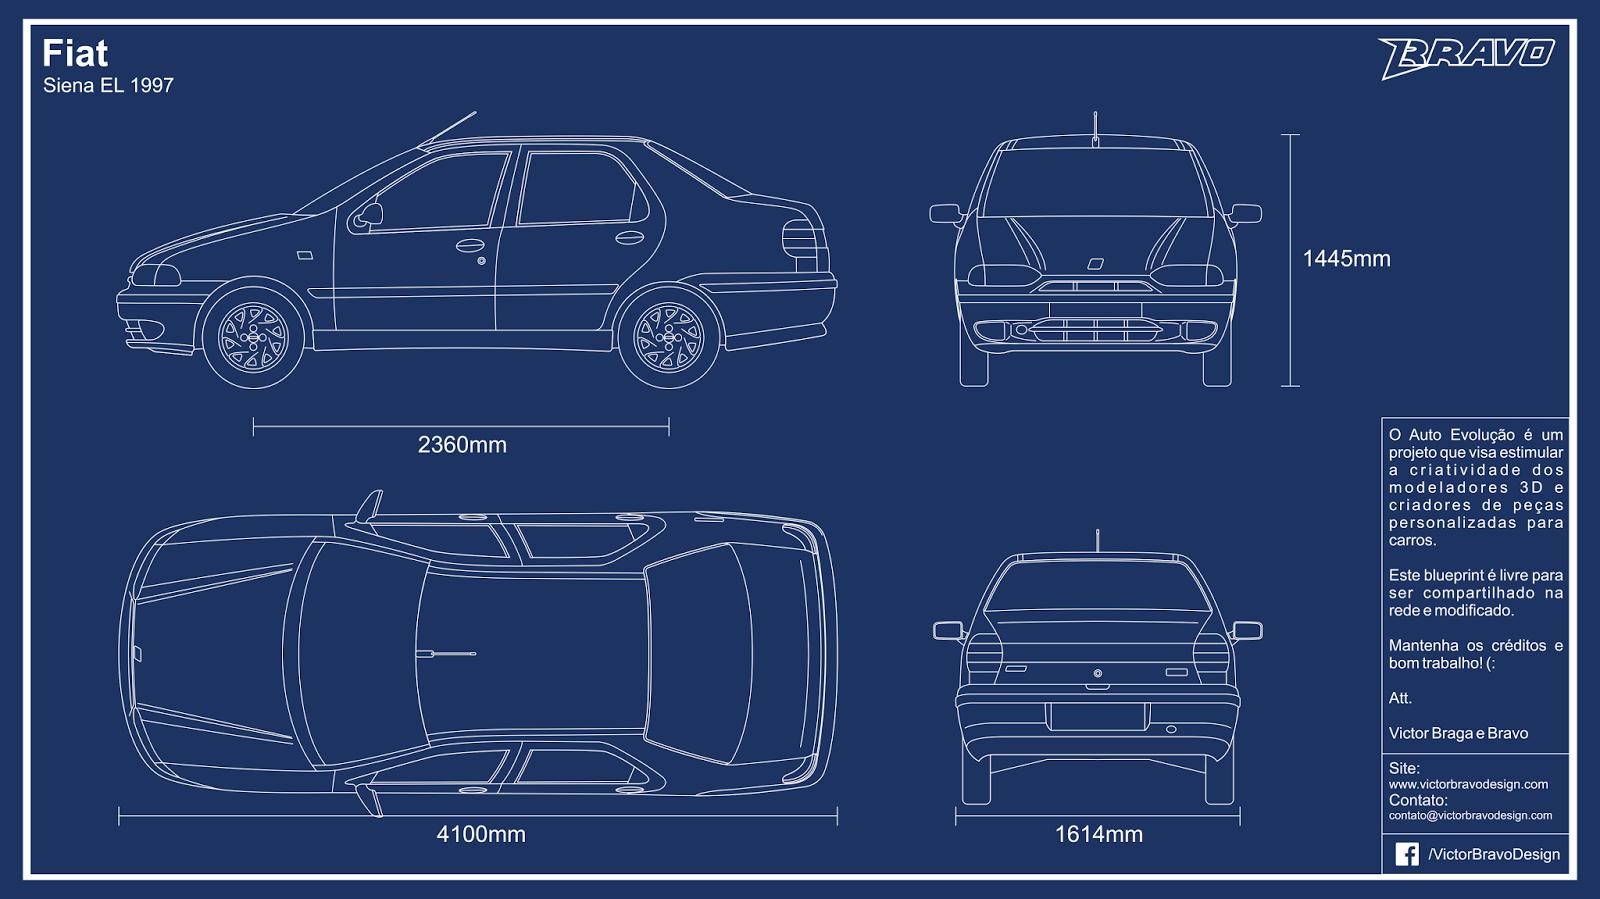 Imagem mostrando o desenho do blueprint do Fiat Siena EL 1997